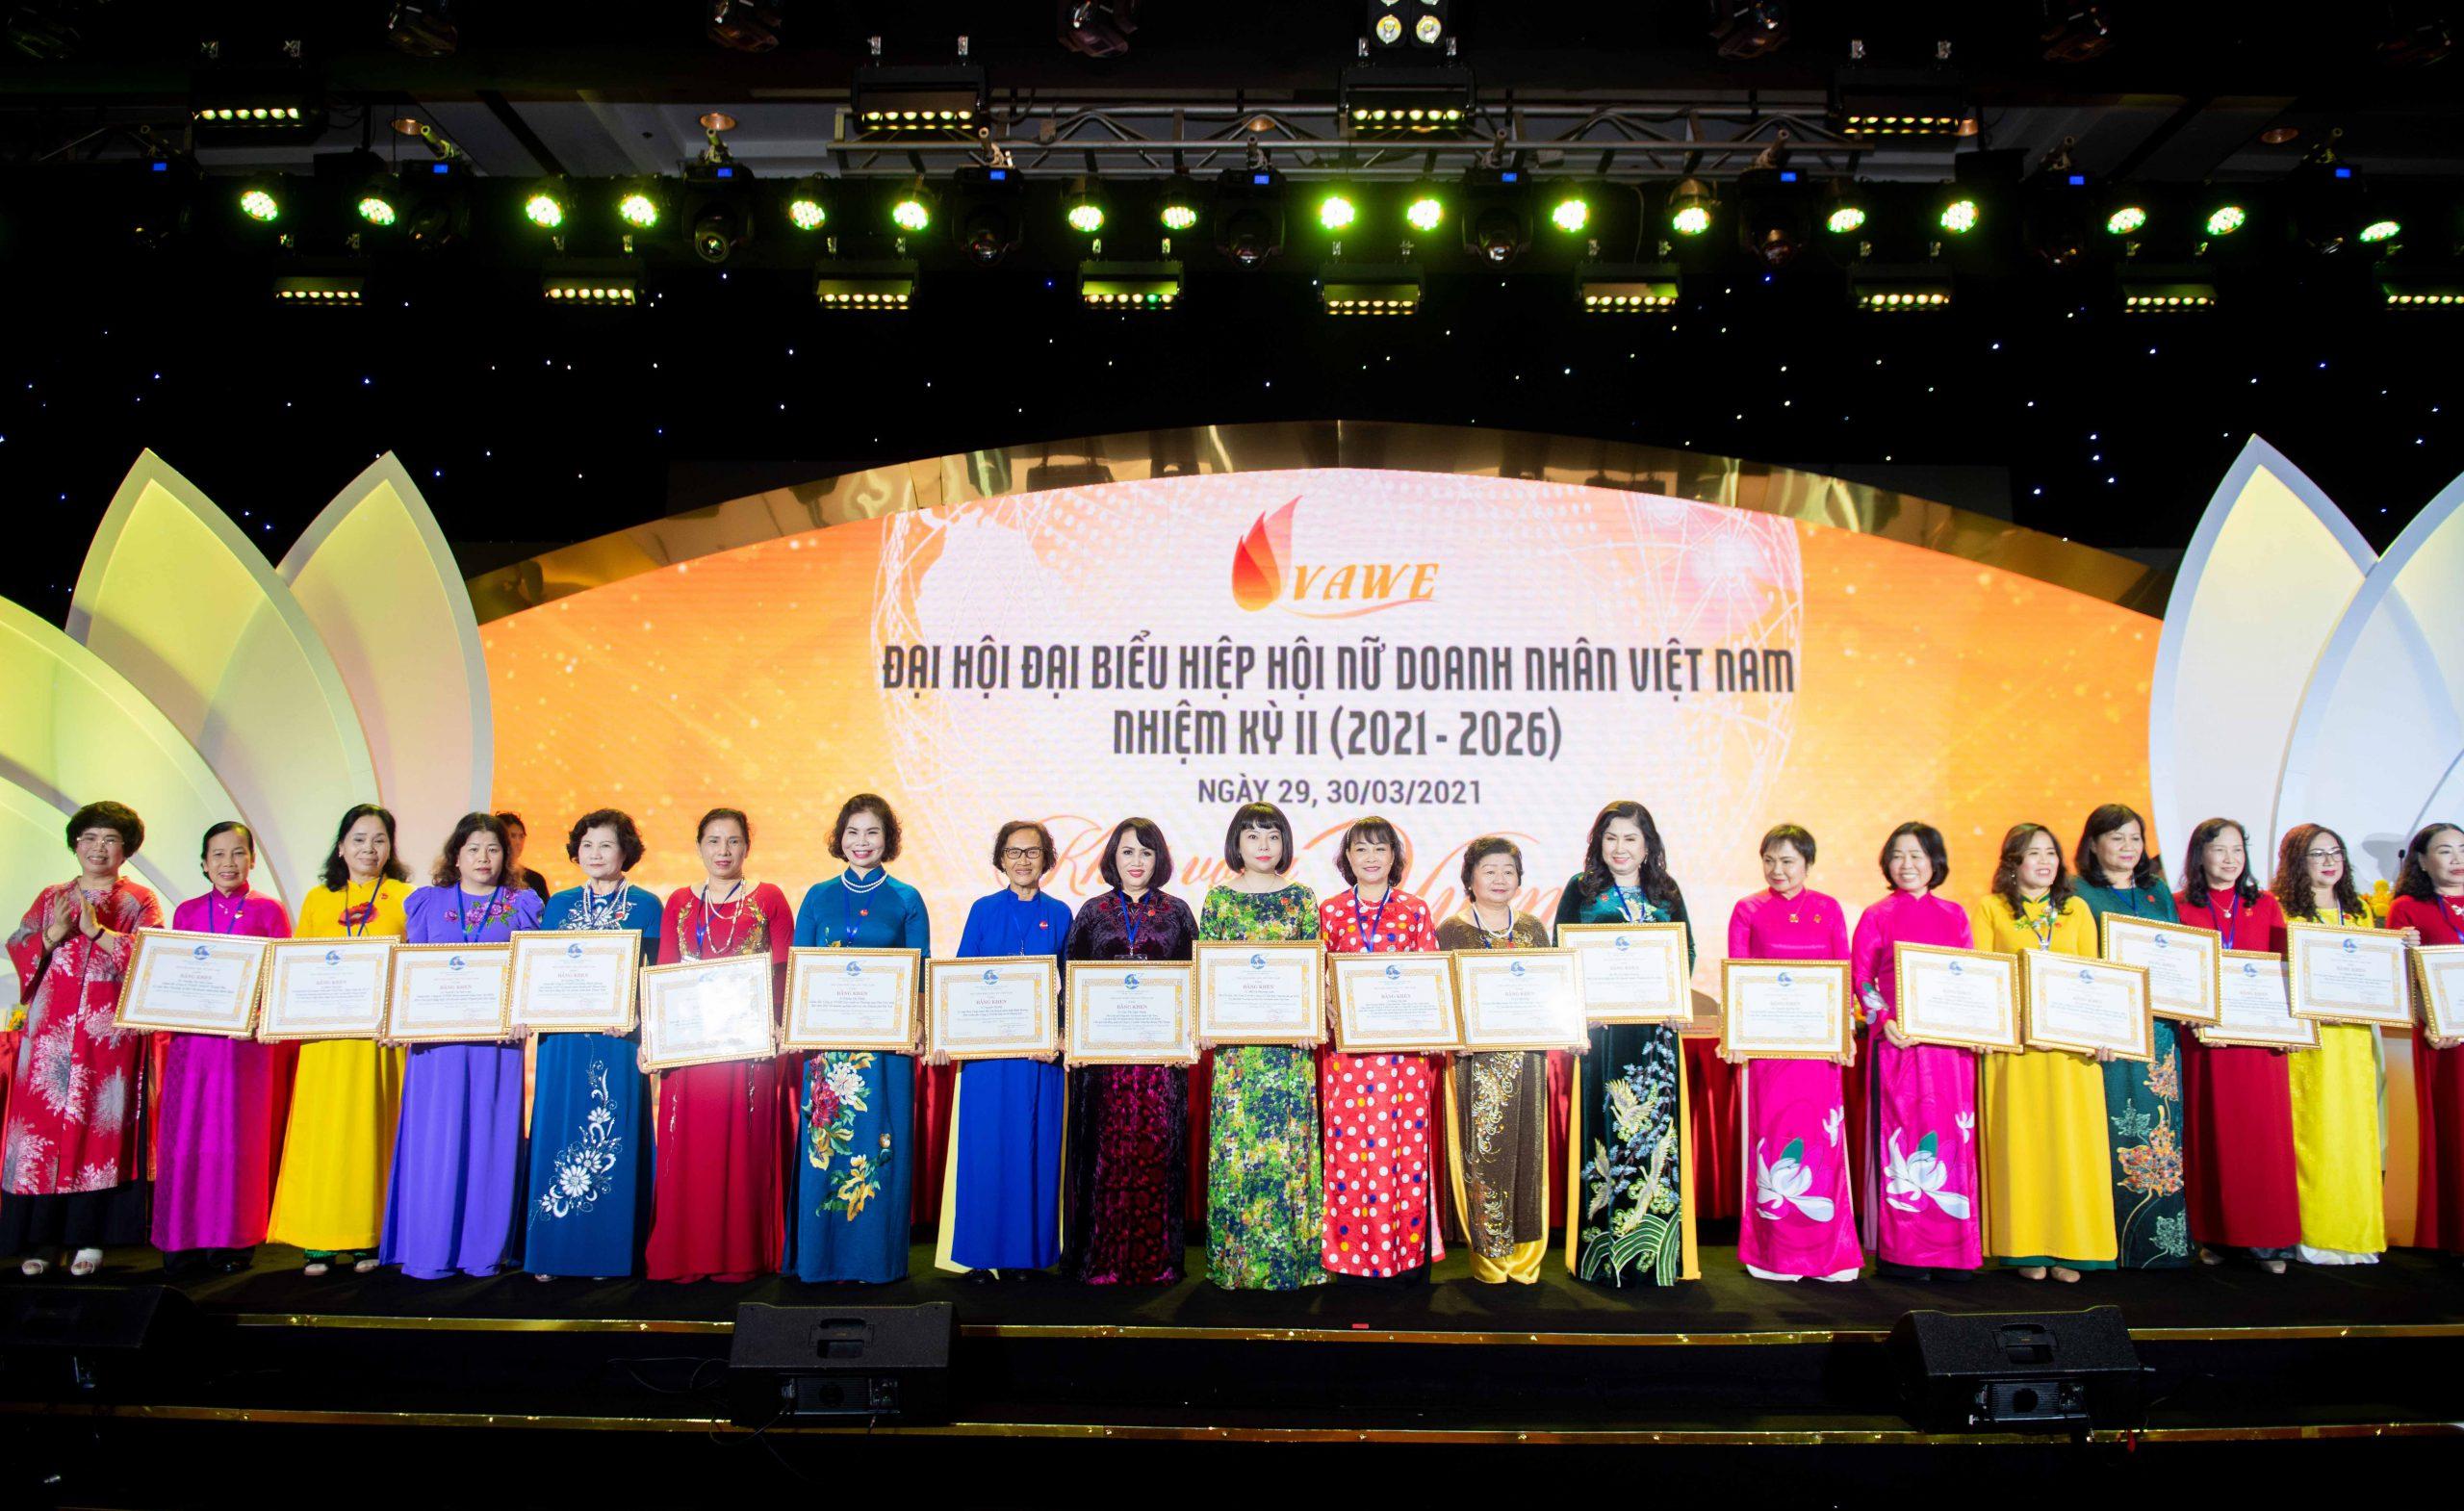 Phó Chủ tịch Đỗ Vũ Phương Anh đón nhận Bằng khen của Hội Liên hiệp Phụ nữ Việt Nam